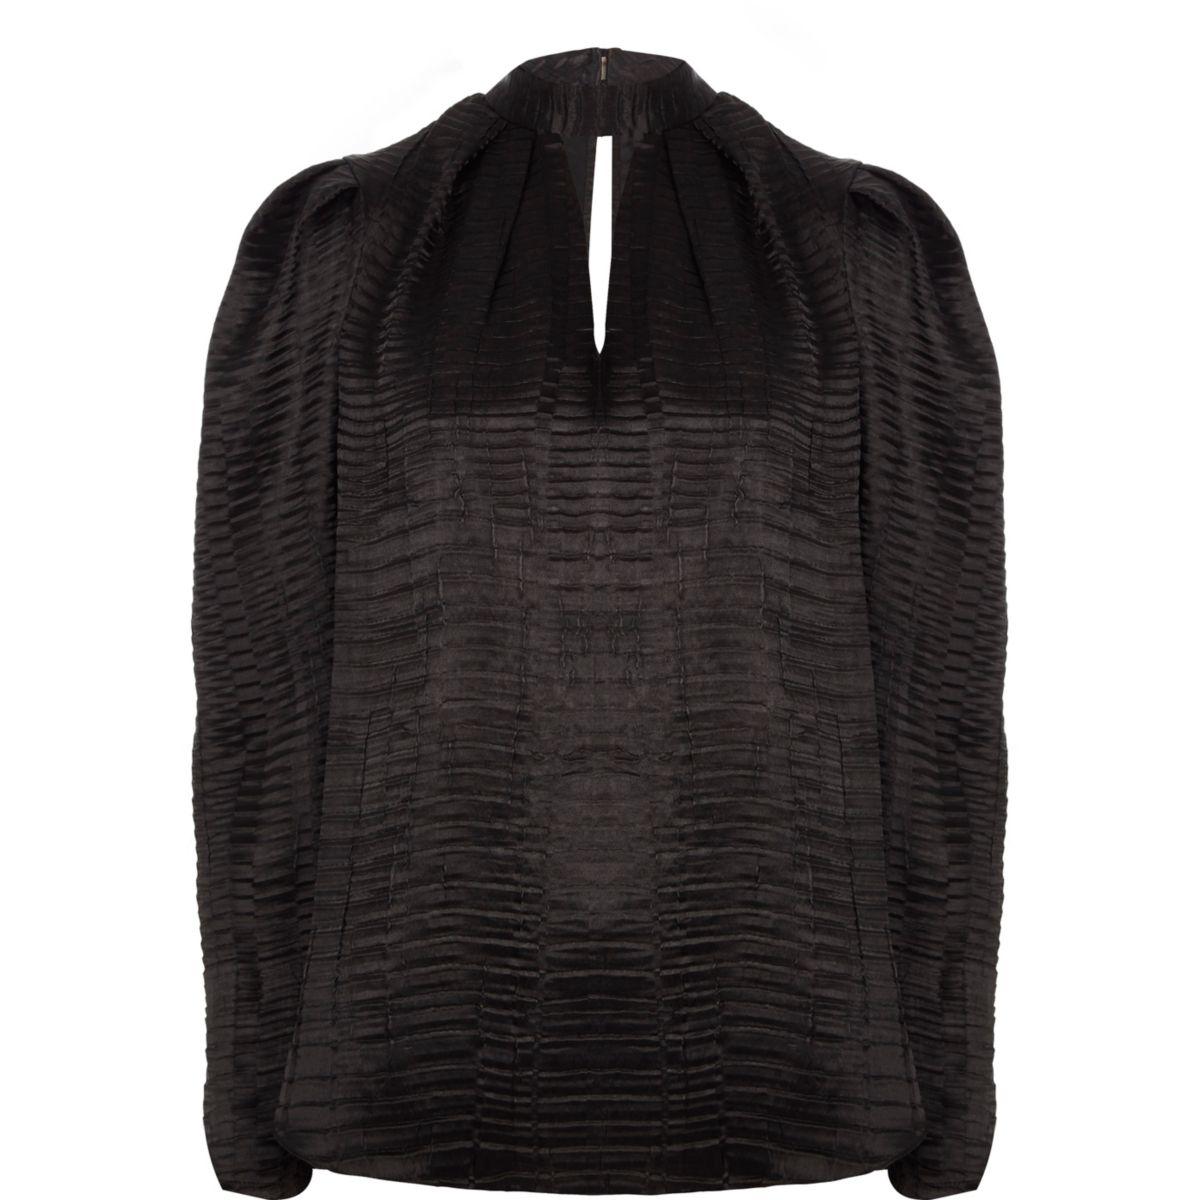 Top noir texturé à encolure haute et épaules bouffantes